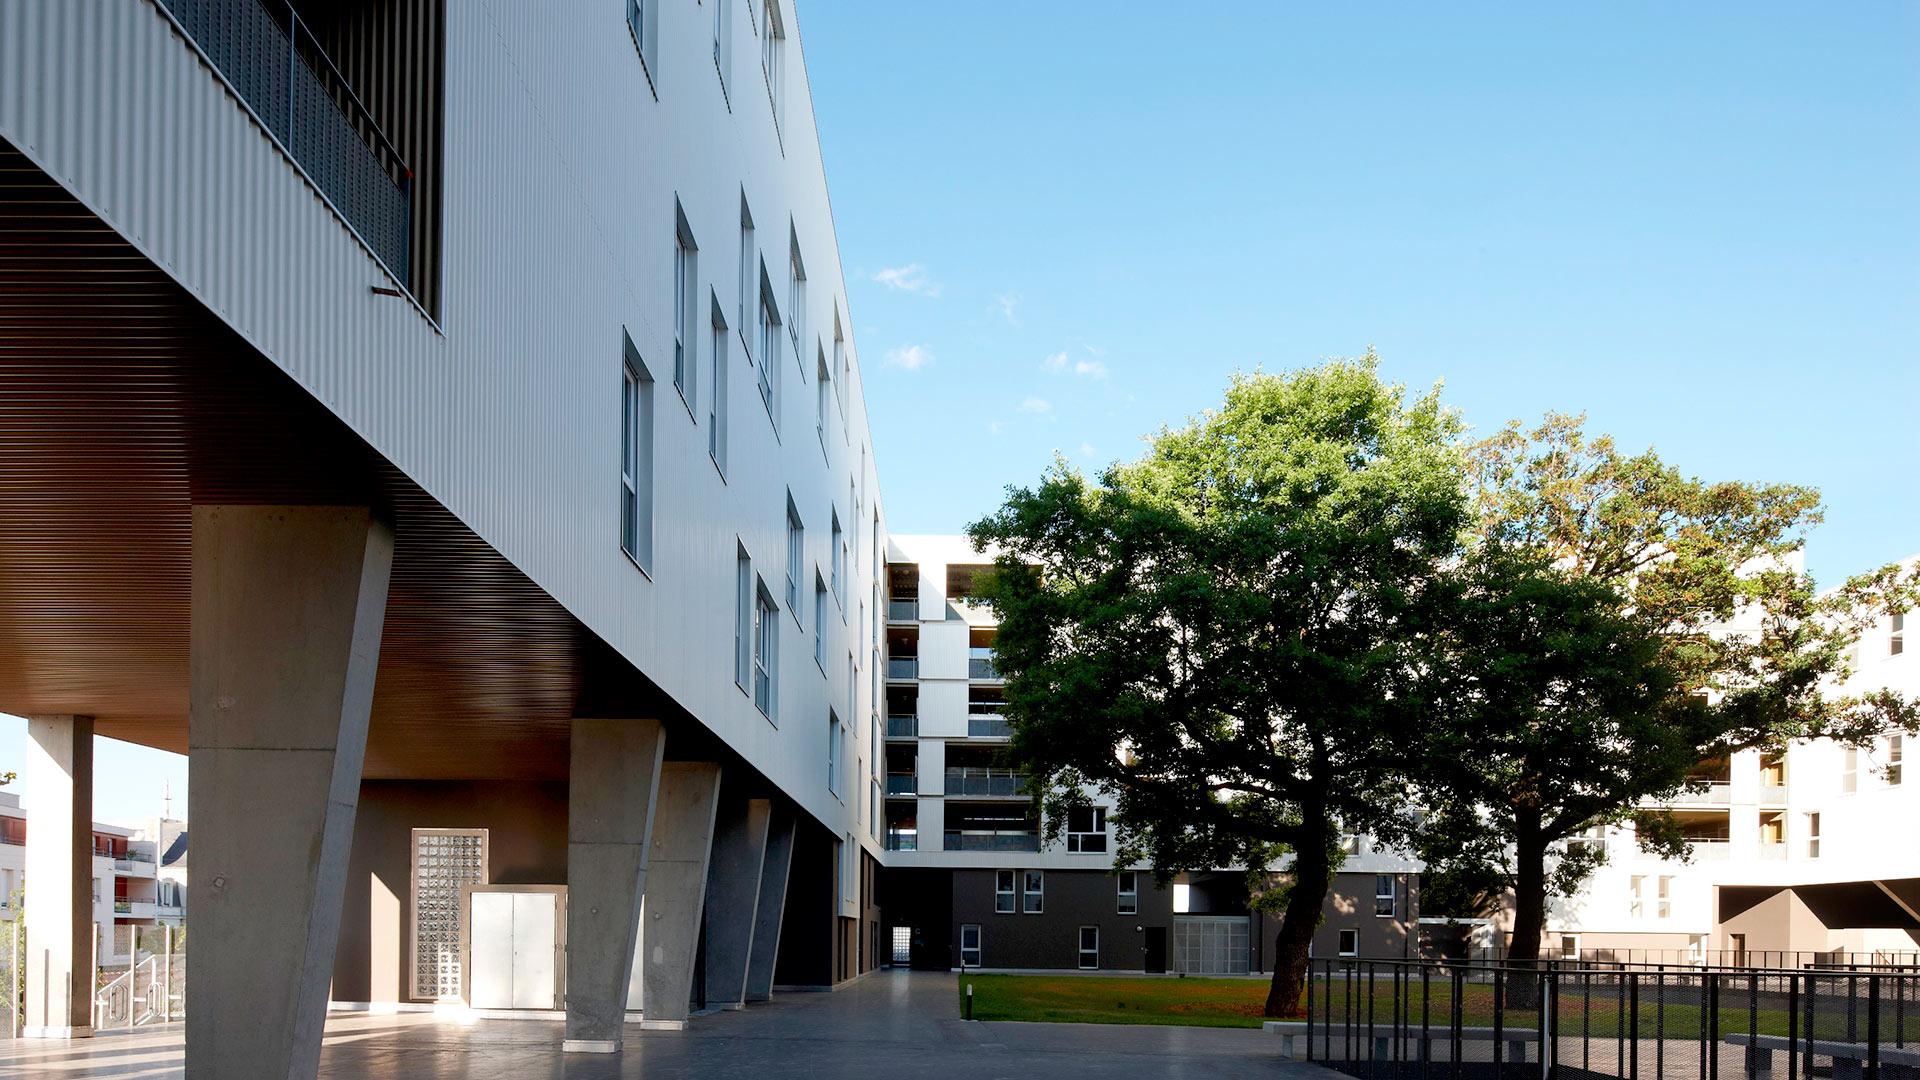 Viviendas sociales de alquiler en Rennes, Francia